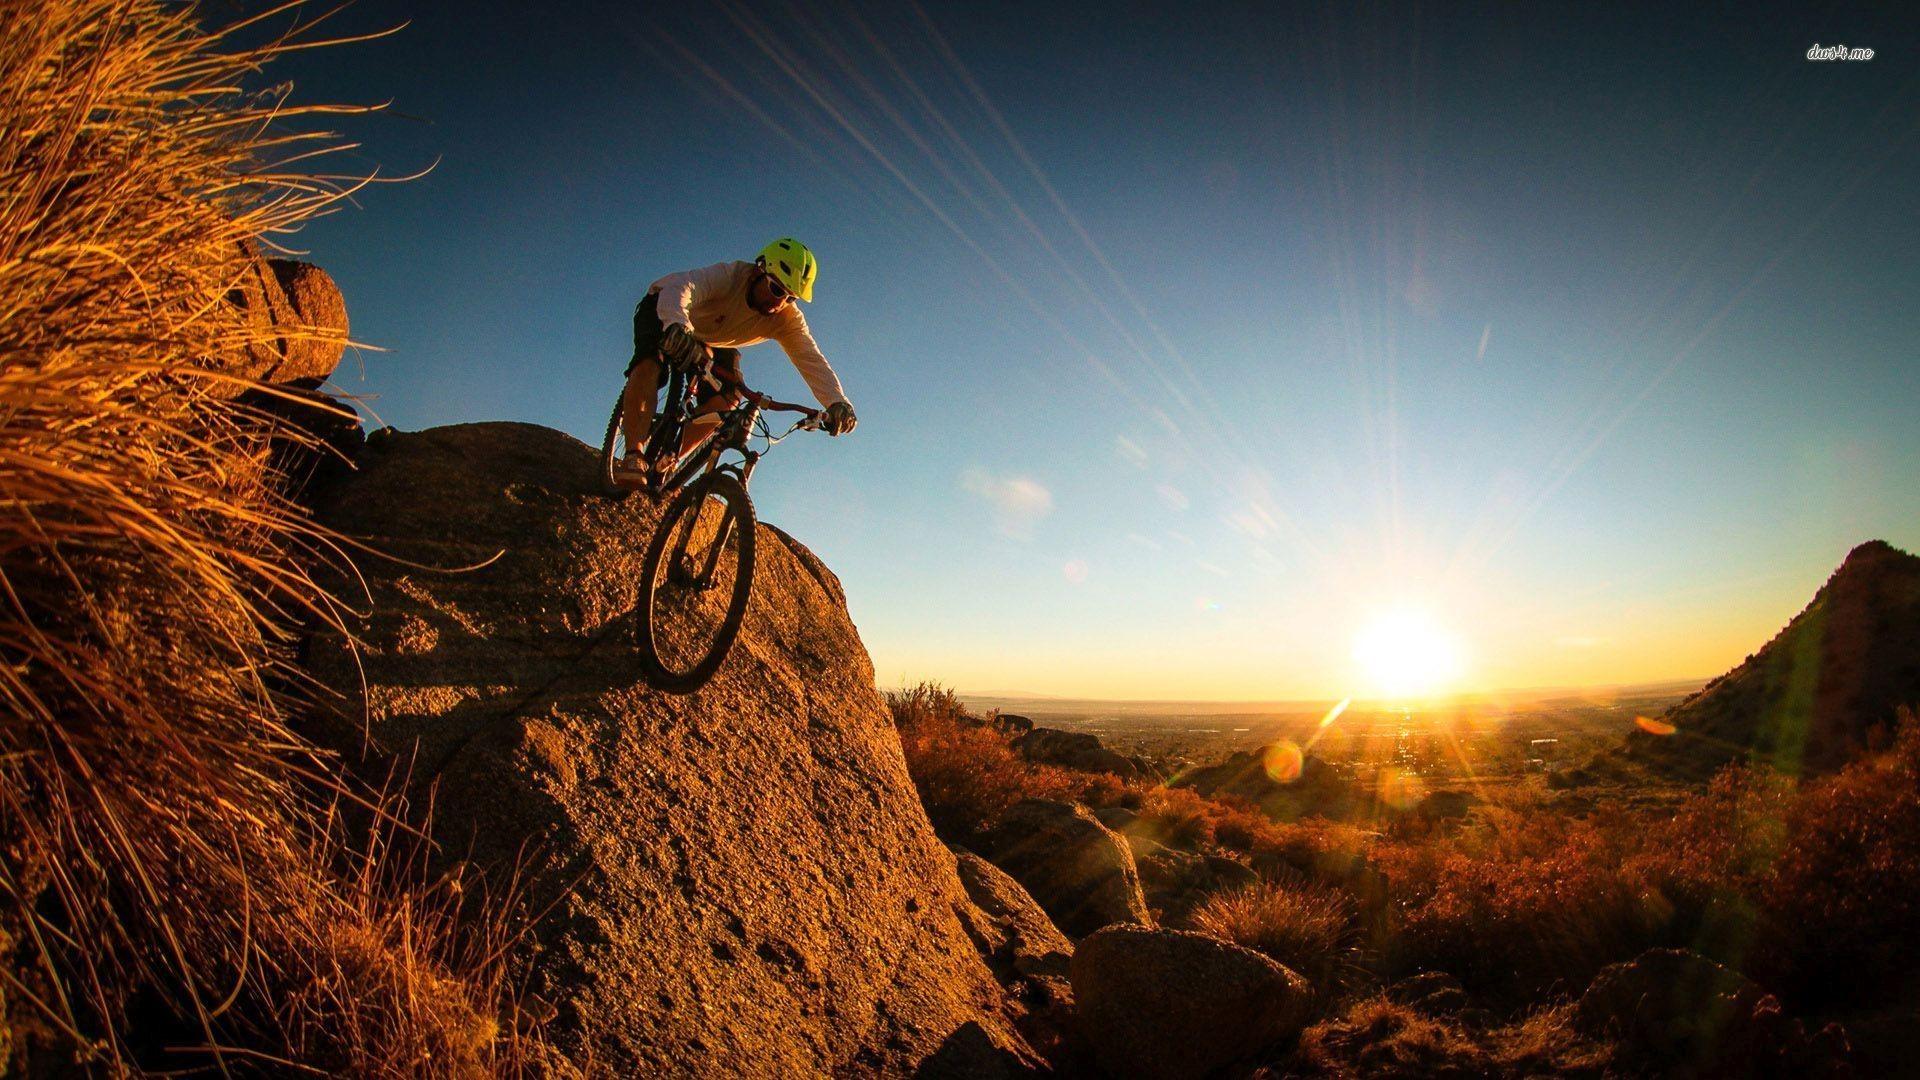 Res: 1920x1080, Search Whistler Blackcomb Gt Mountain Bikes, Mountain Biking, Montain Bike,  Mountain Wallpaper,